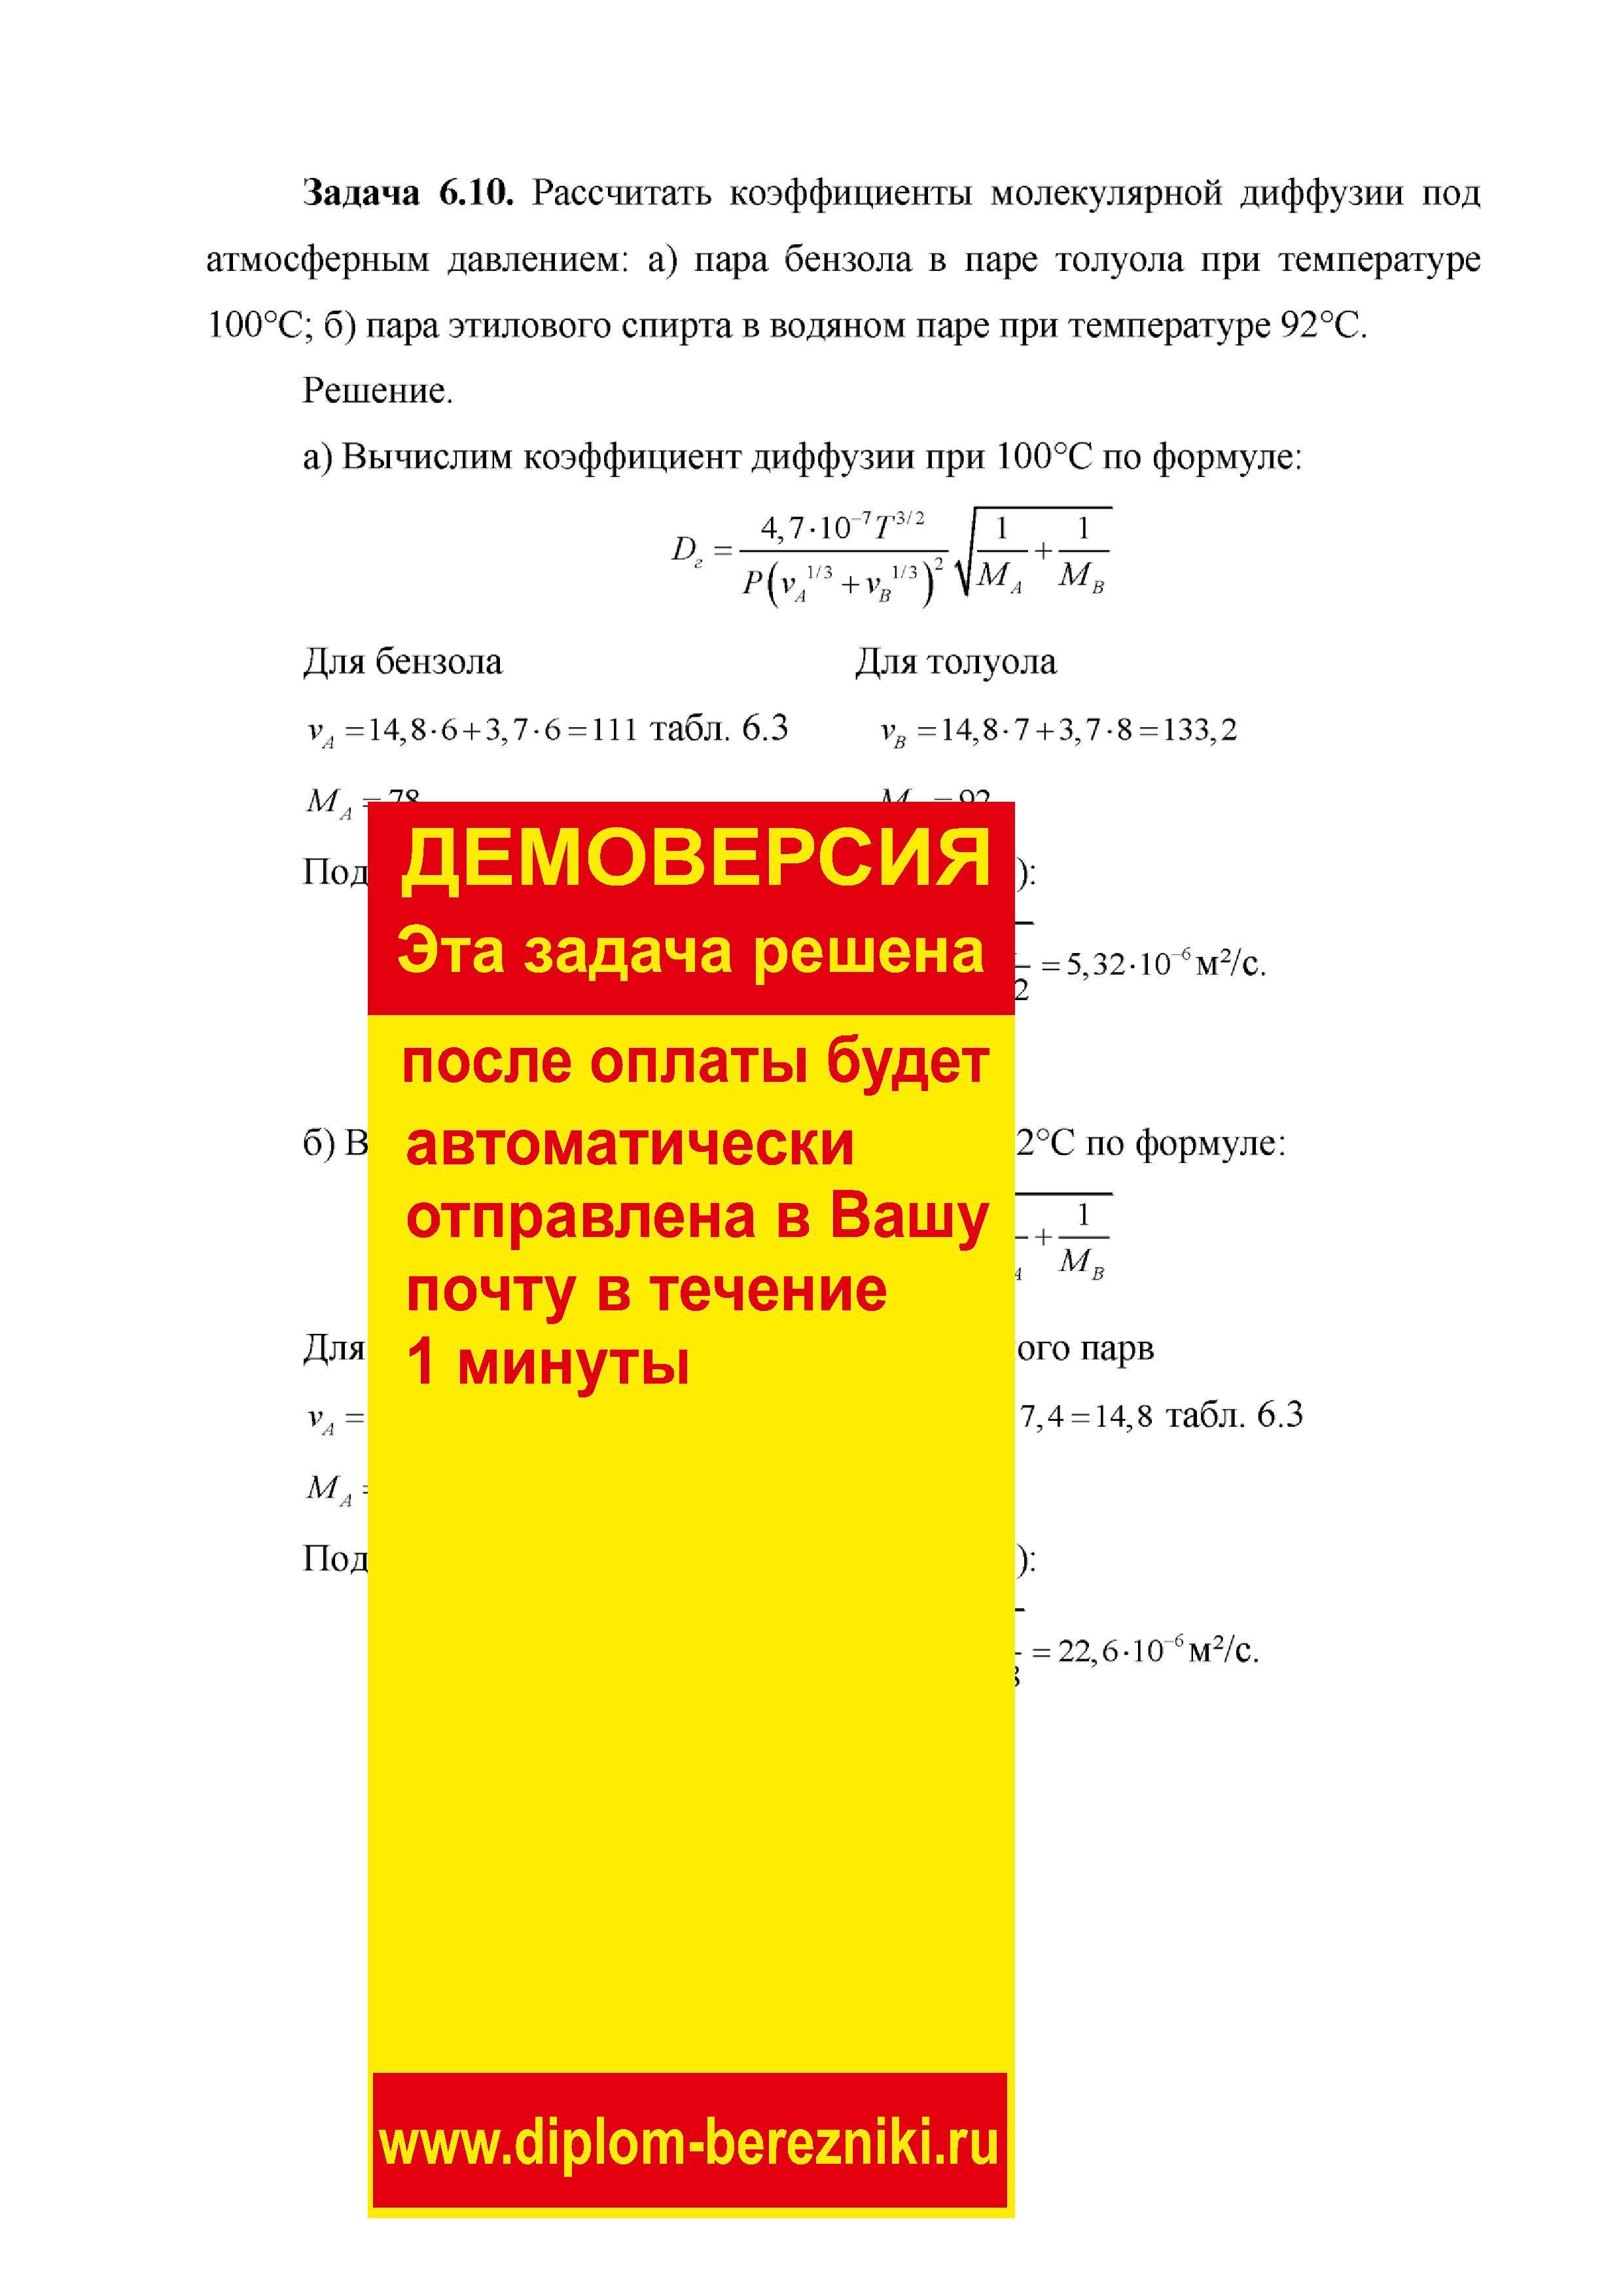 Решение задачи 6.10 по ПАХТ из задачника Павлова Романкова Носкова